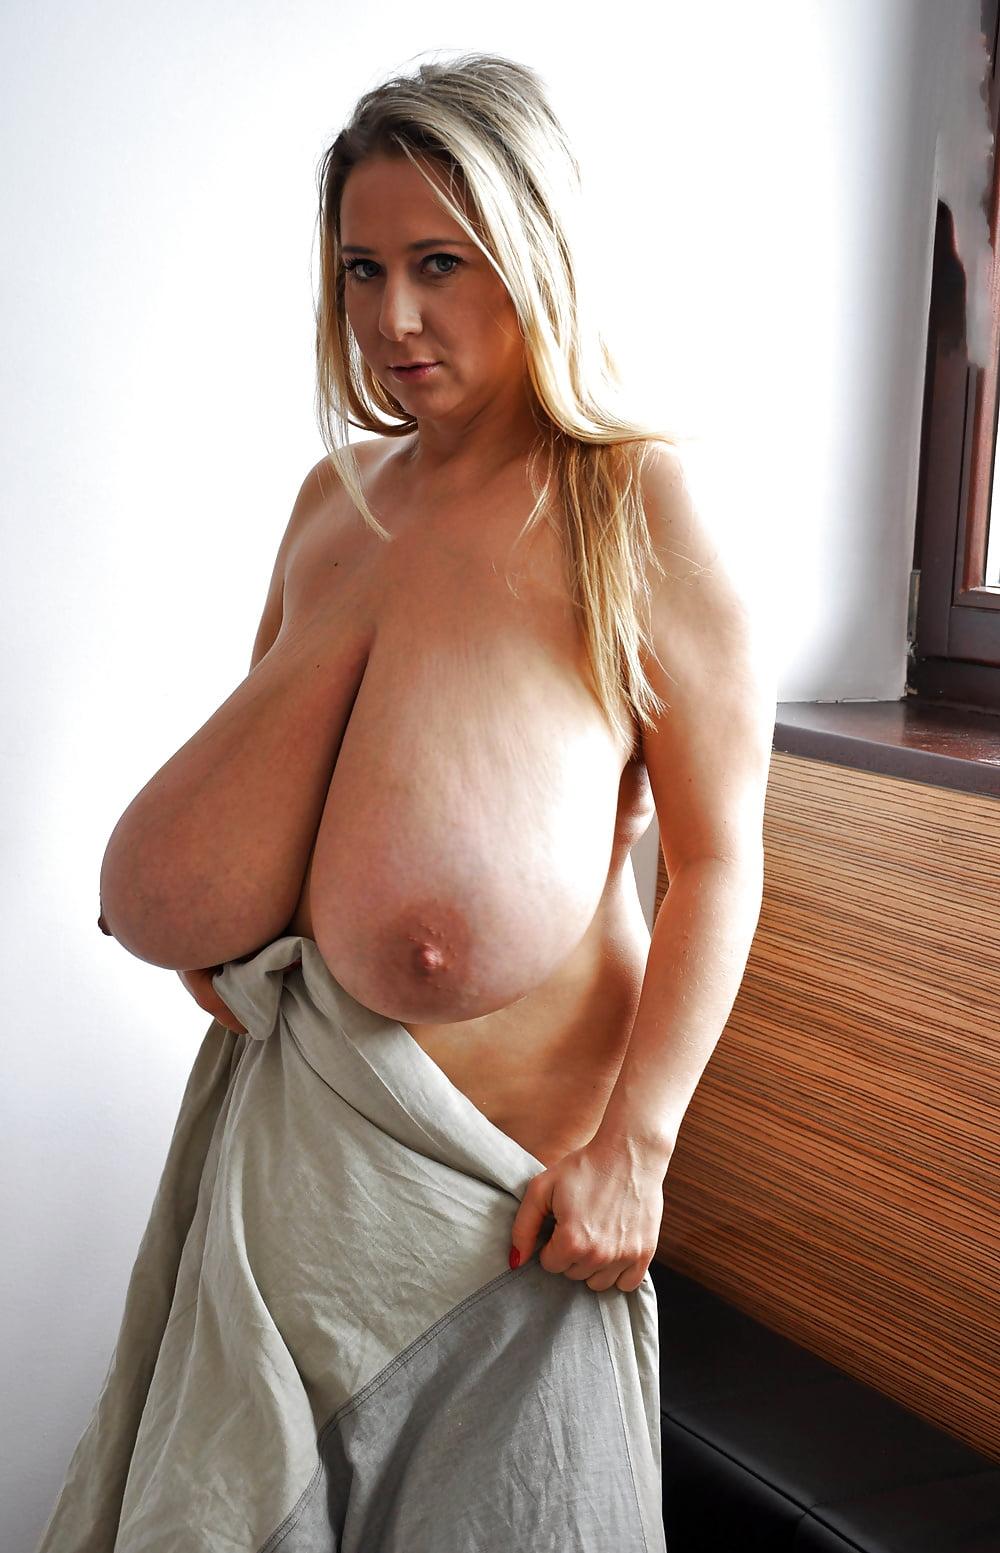 Toys silicon boob enormous natural redhead man nude